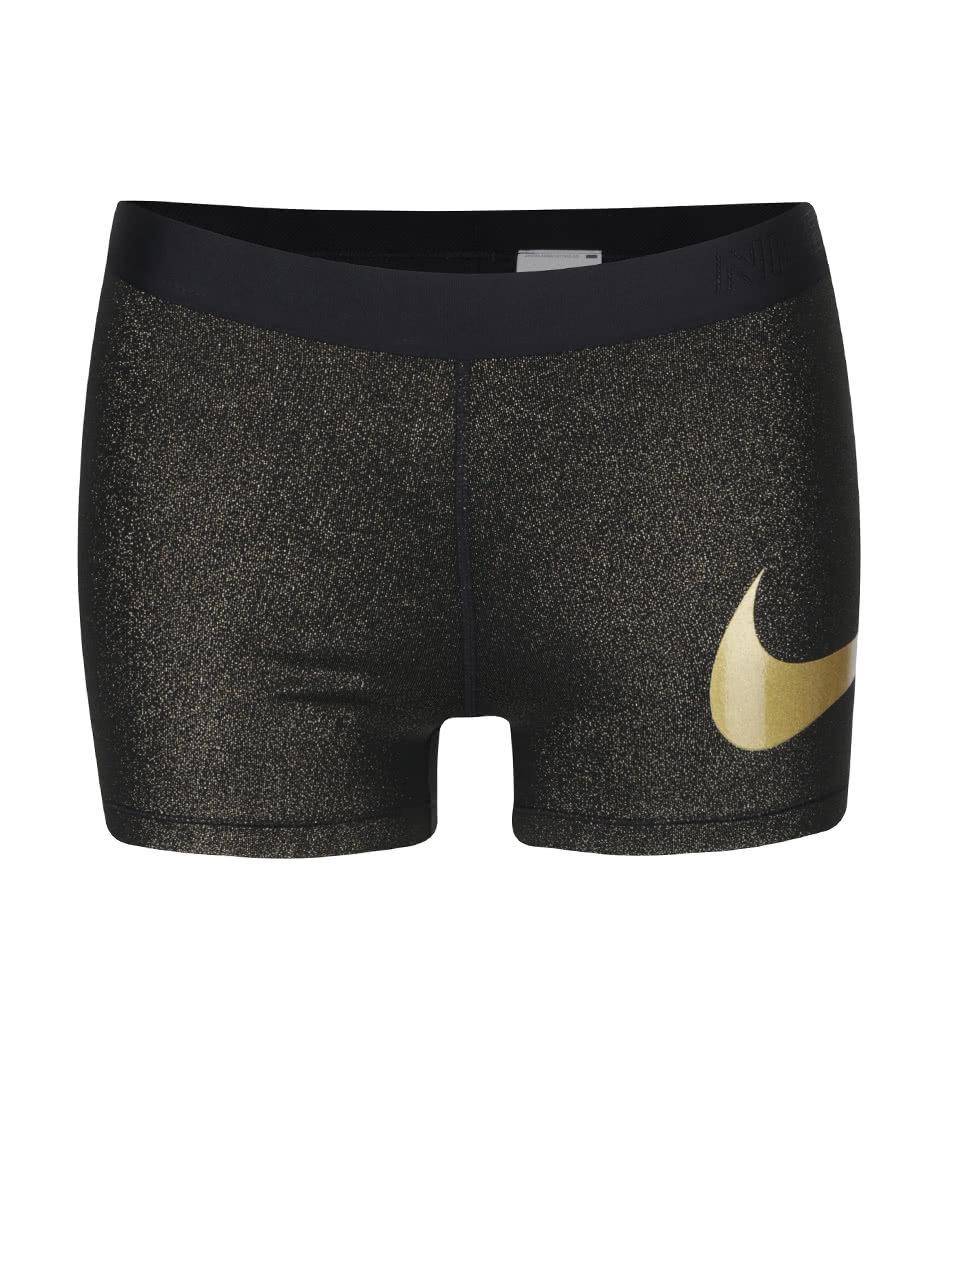 c743c968e20 Černé dámské třpytivé kraťasy Nike Pro Training Short ...